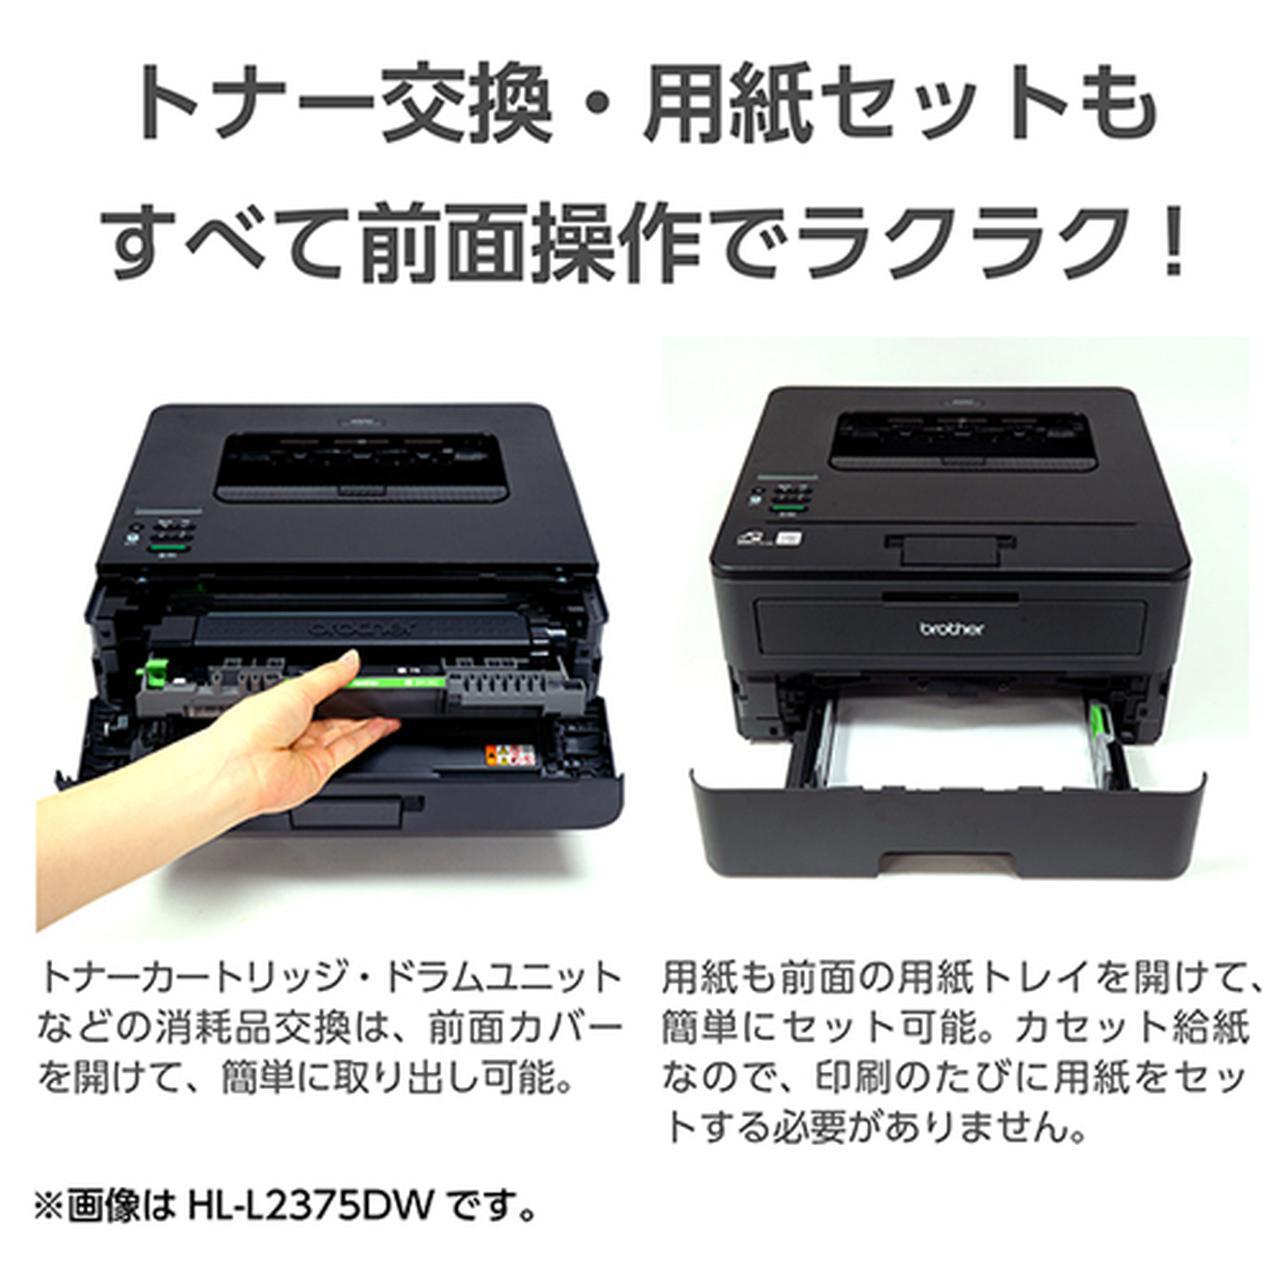 画像3: www.brother.co.jp